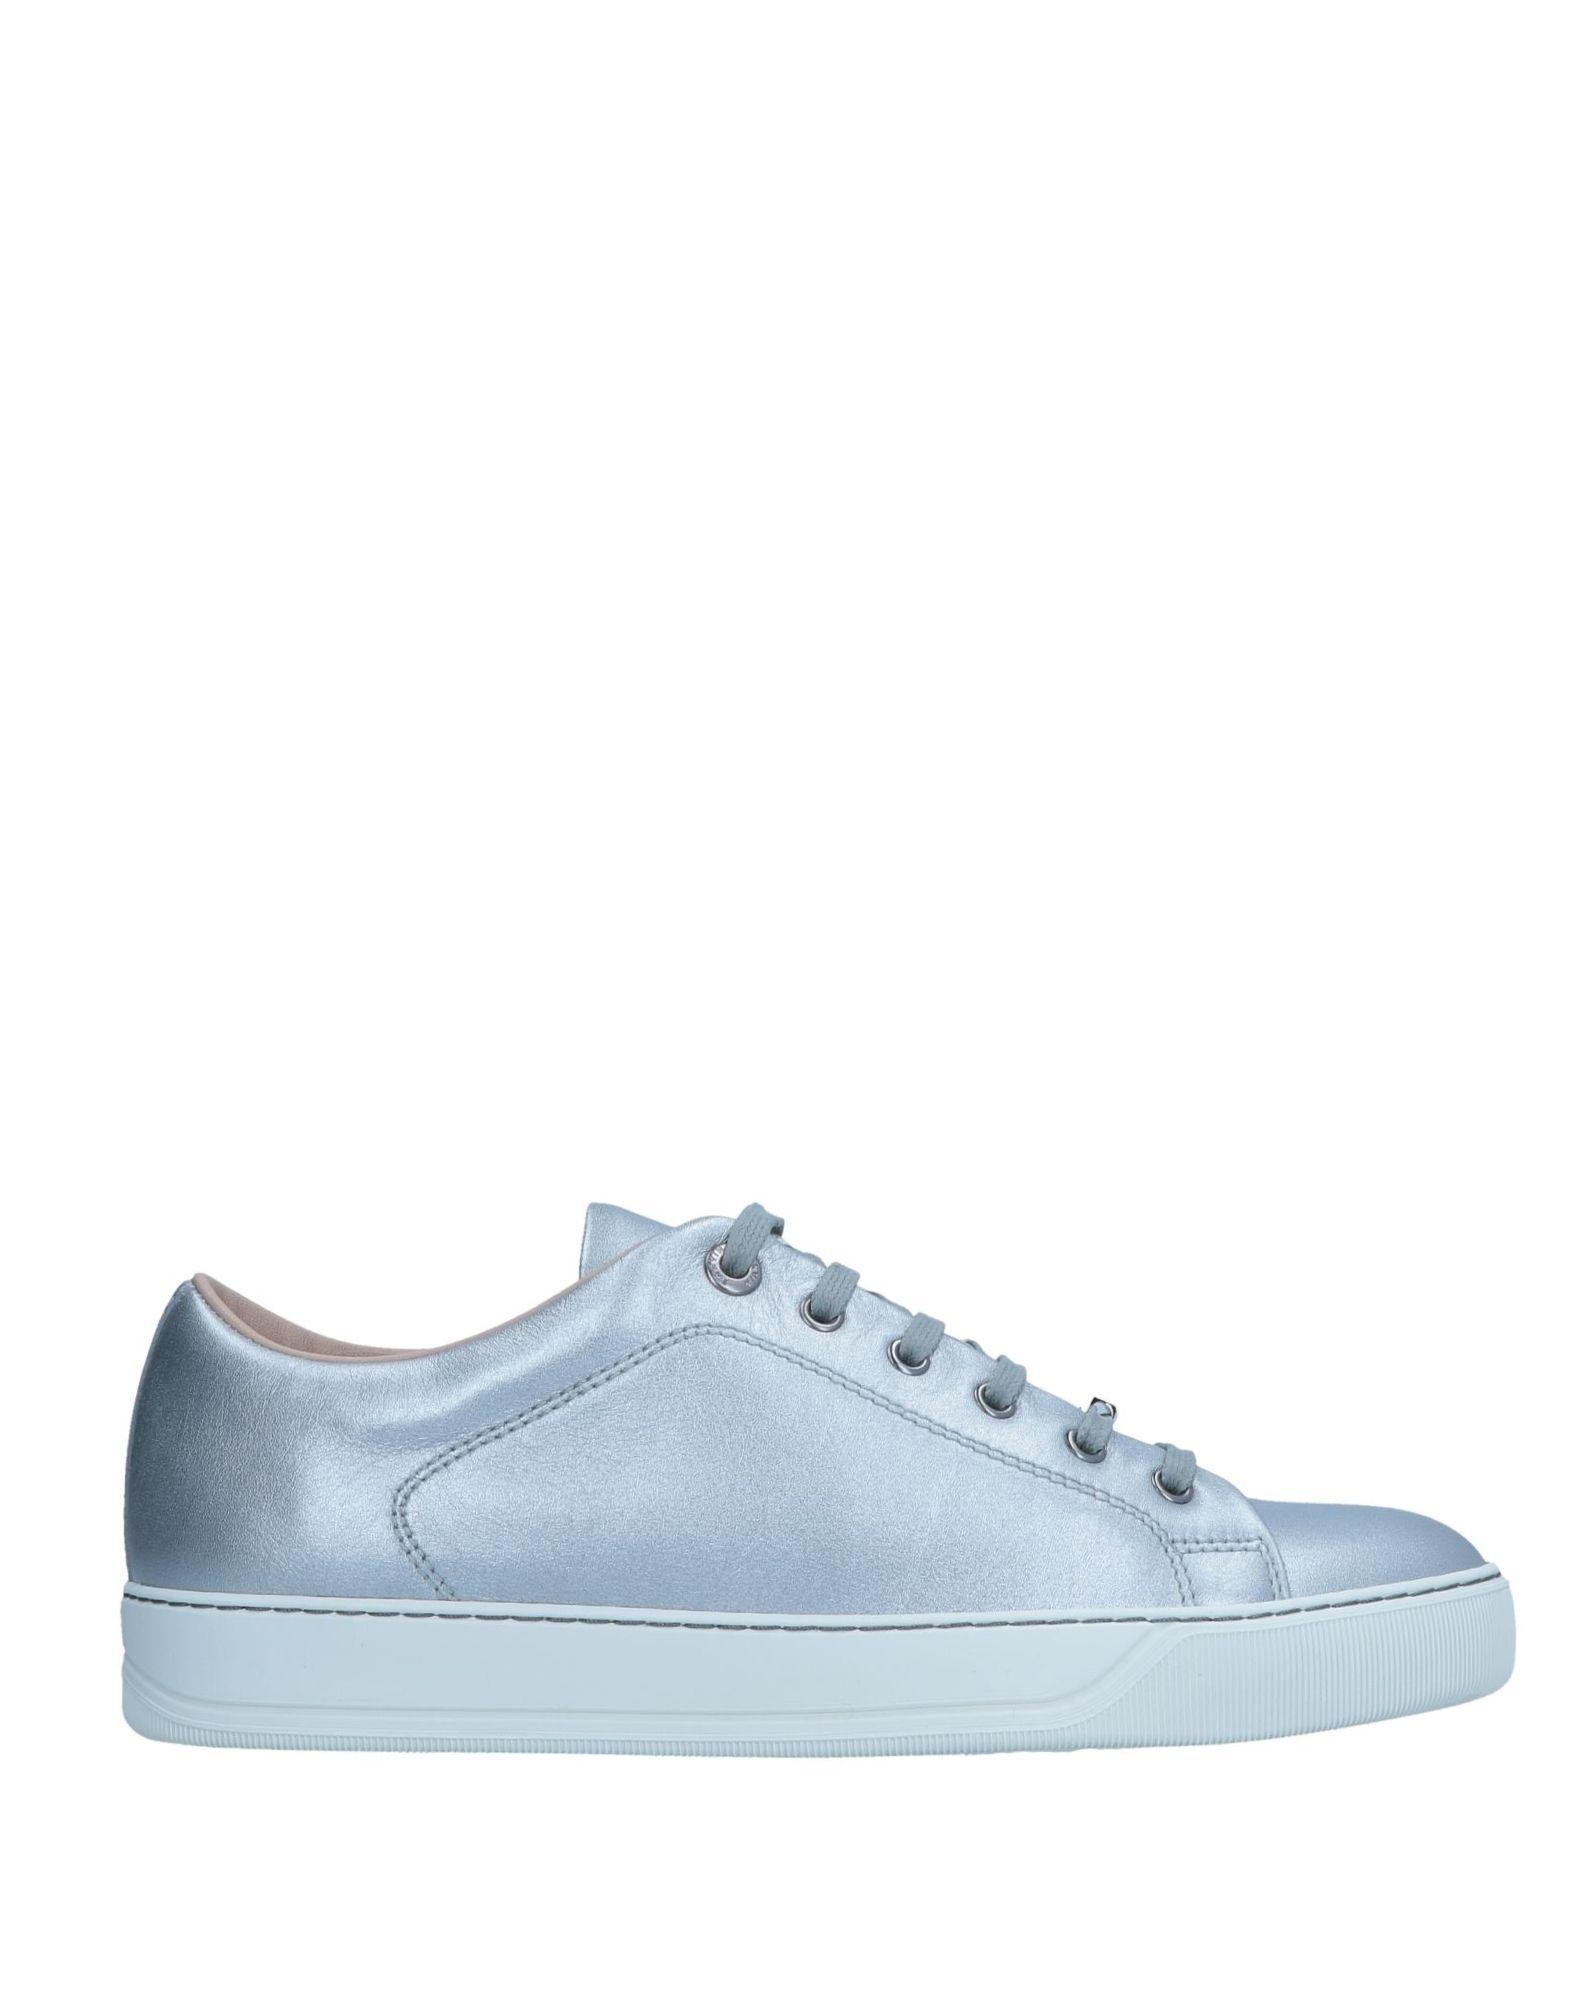 Lanvin Sneakers Herren  11550265KV Gute Qualität beliebte Schuhe